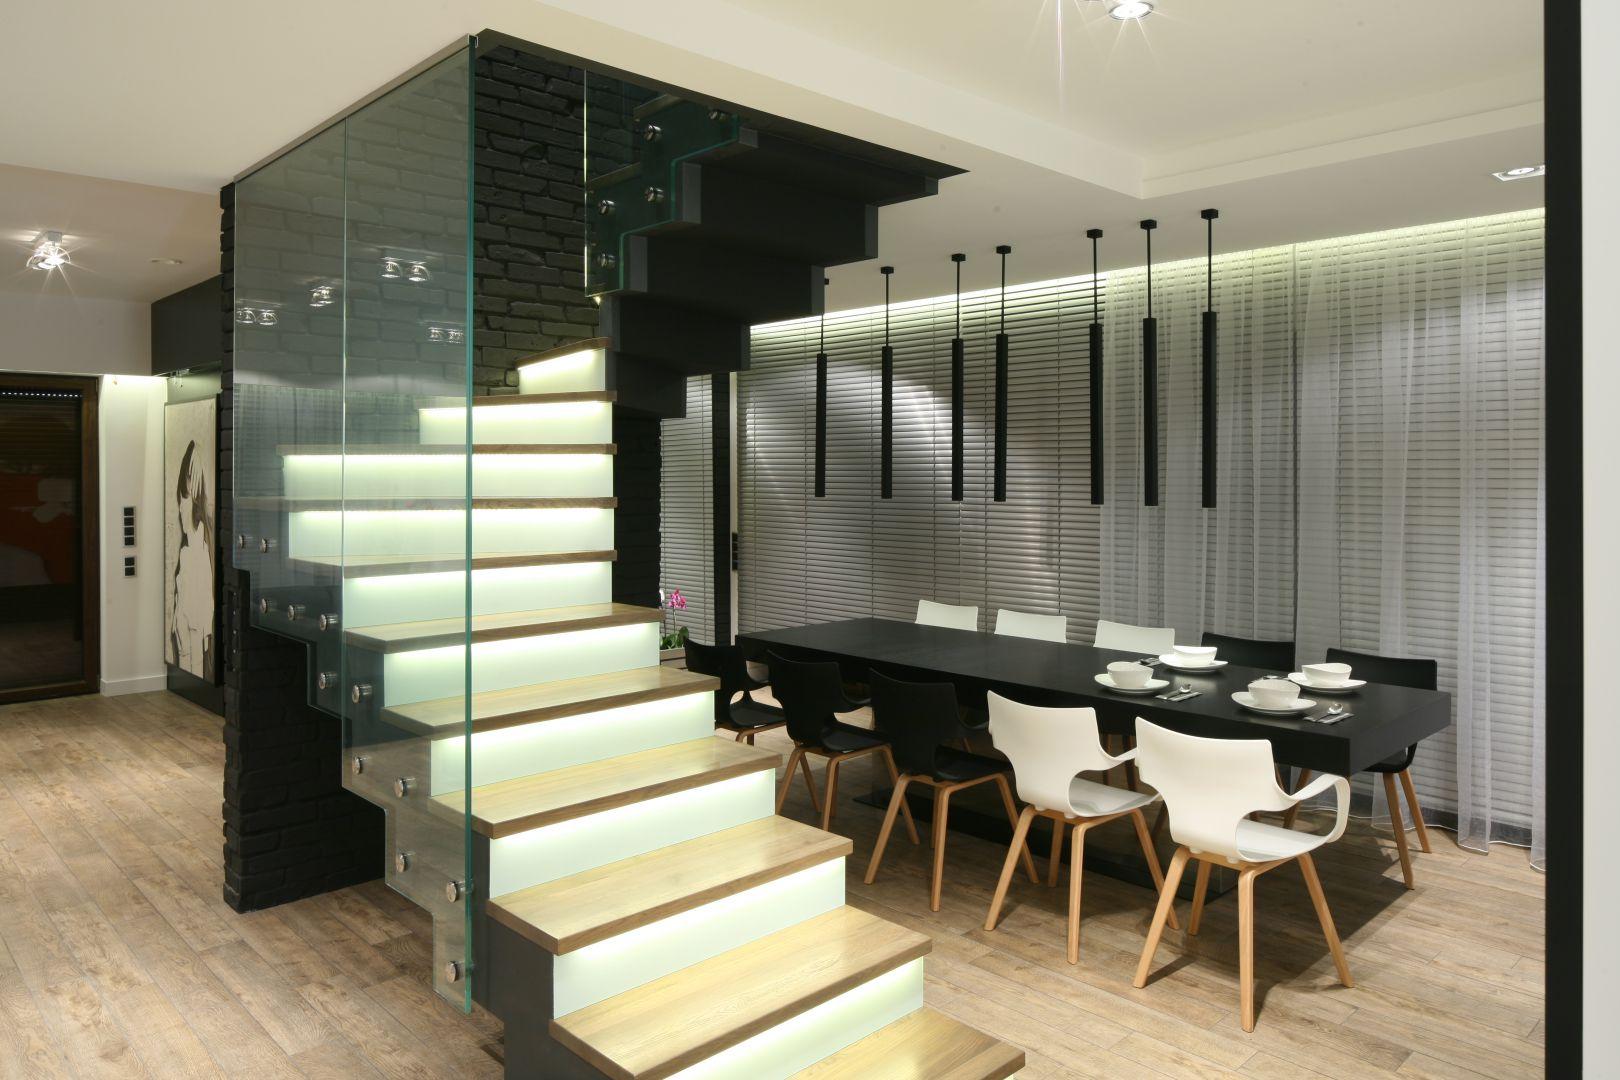 Jadalnię zlokalizowano w bezpośrednim sąsiedztwie otwartych na strefę dzienną schodów. Kolorystycznie stopnie schodów komponują się z krzesłami w jadalni. Fot. Bartosz Jarosz.